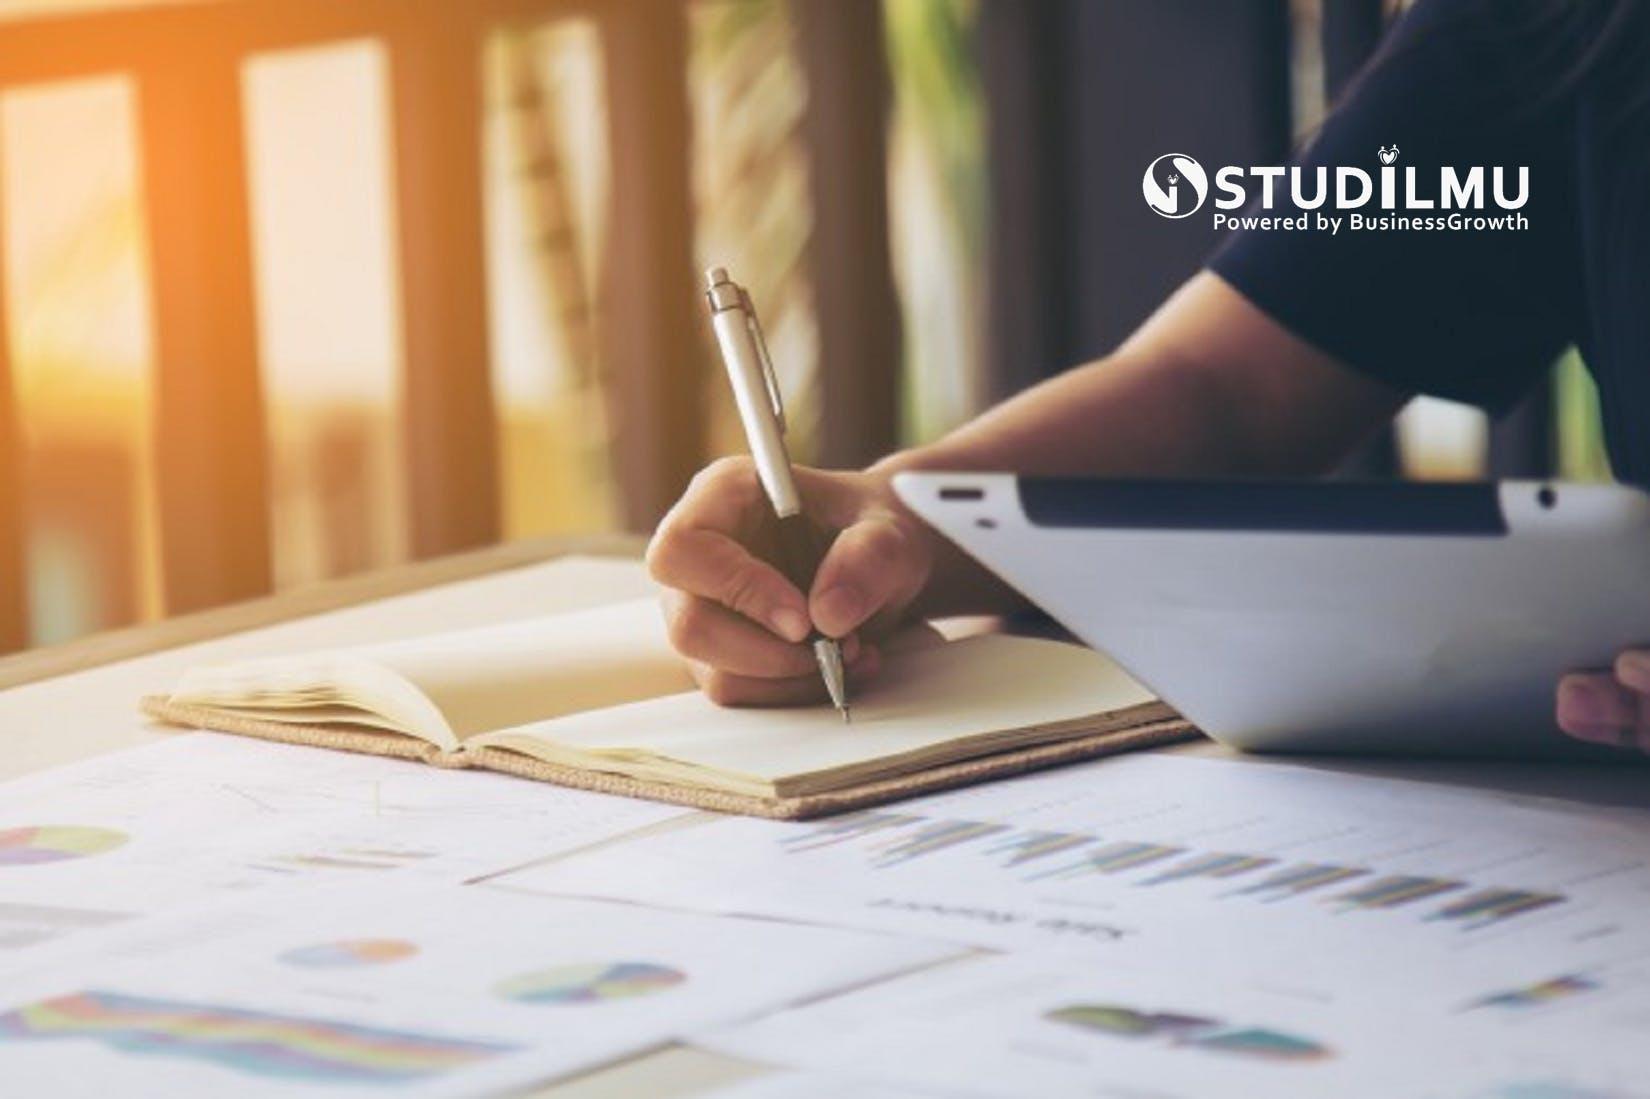 STUDILMU Career Advice - 5 Kemampuan Kognitif untuk Belajar dengan Cepat